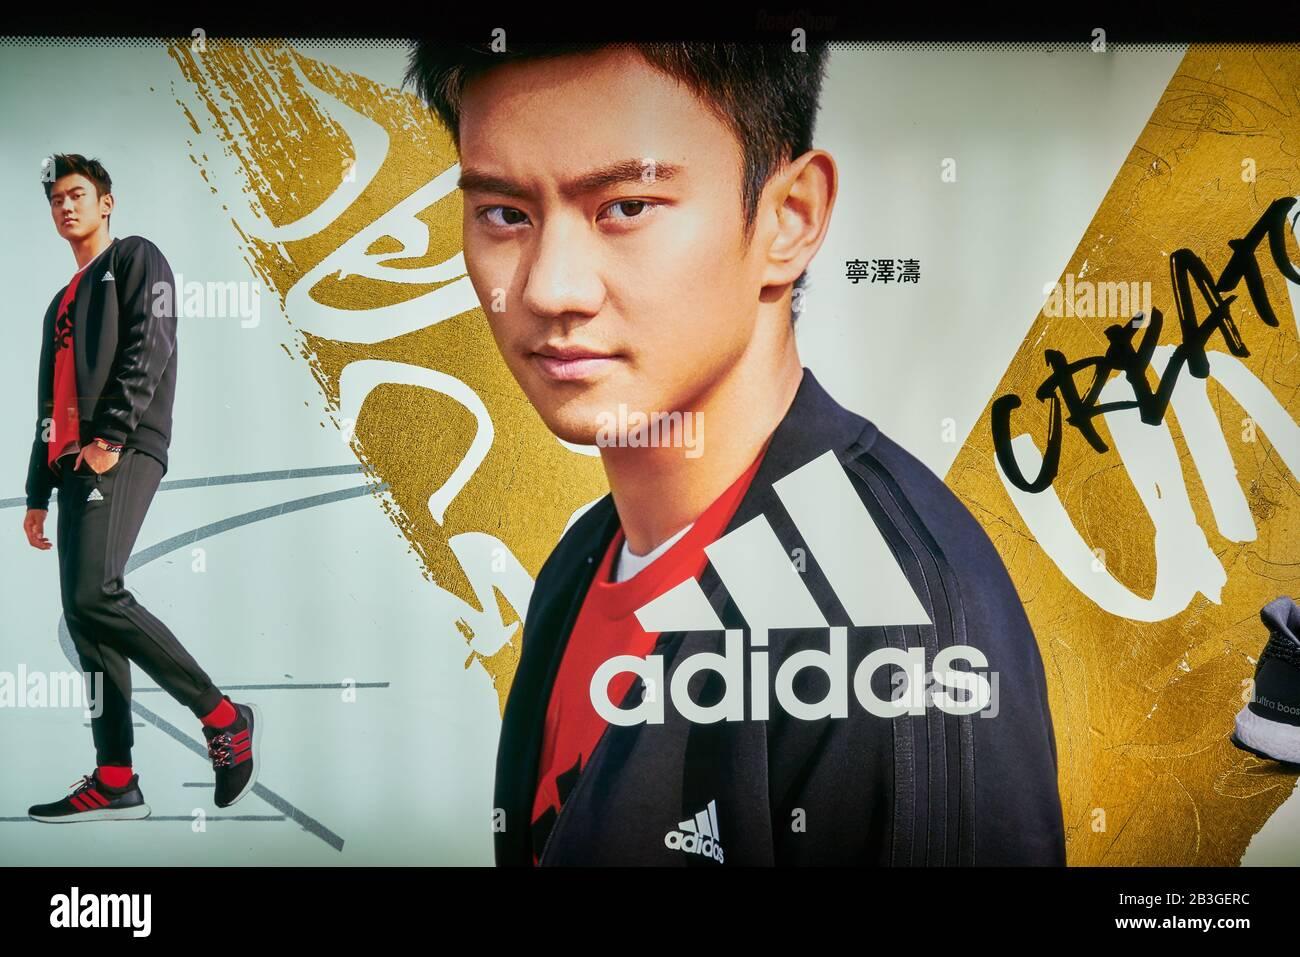 Adidas Ads 2019 Off 70 Www Skolanlar Nu